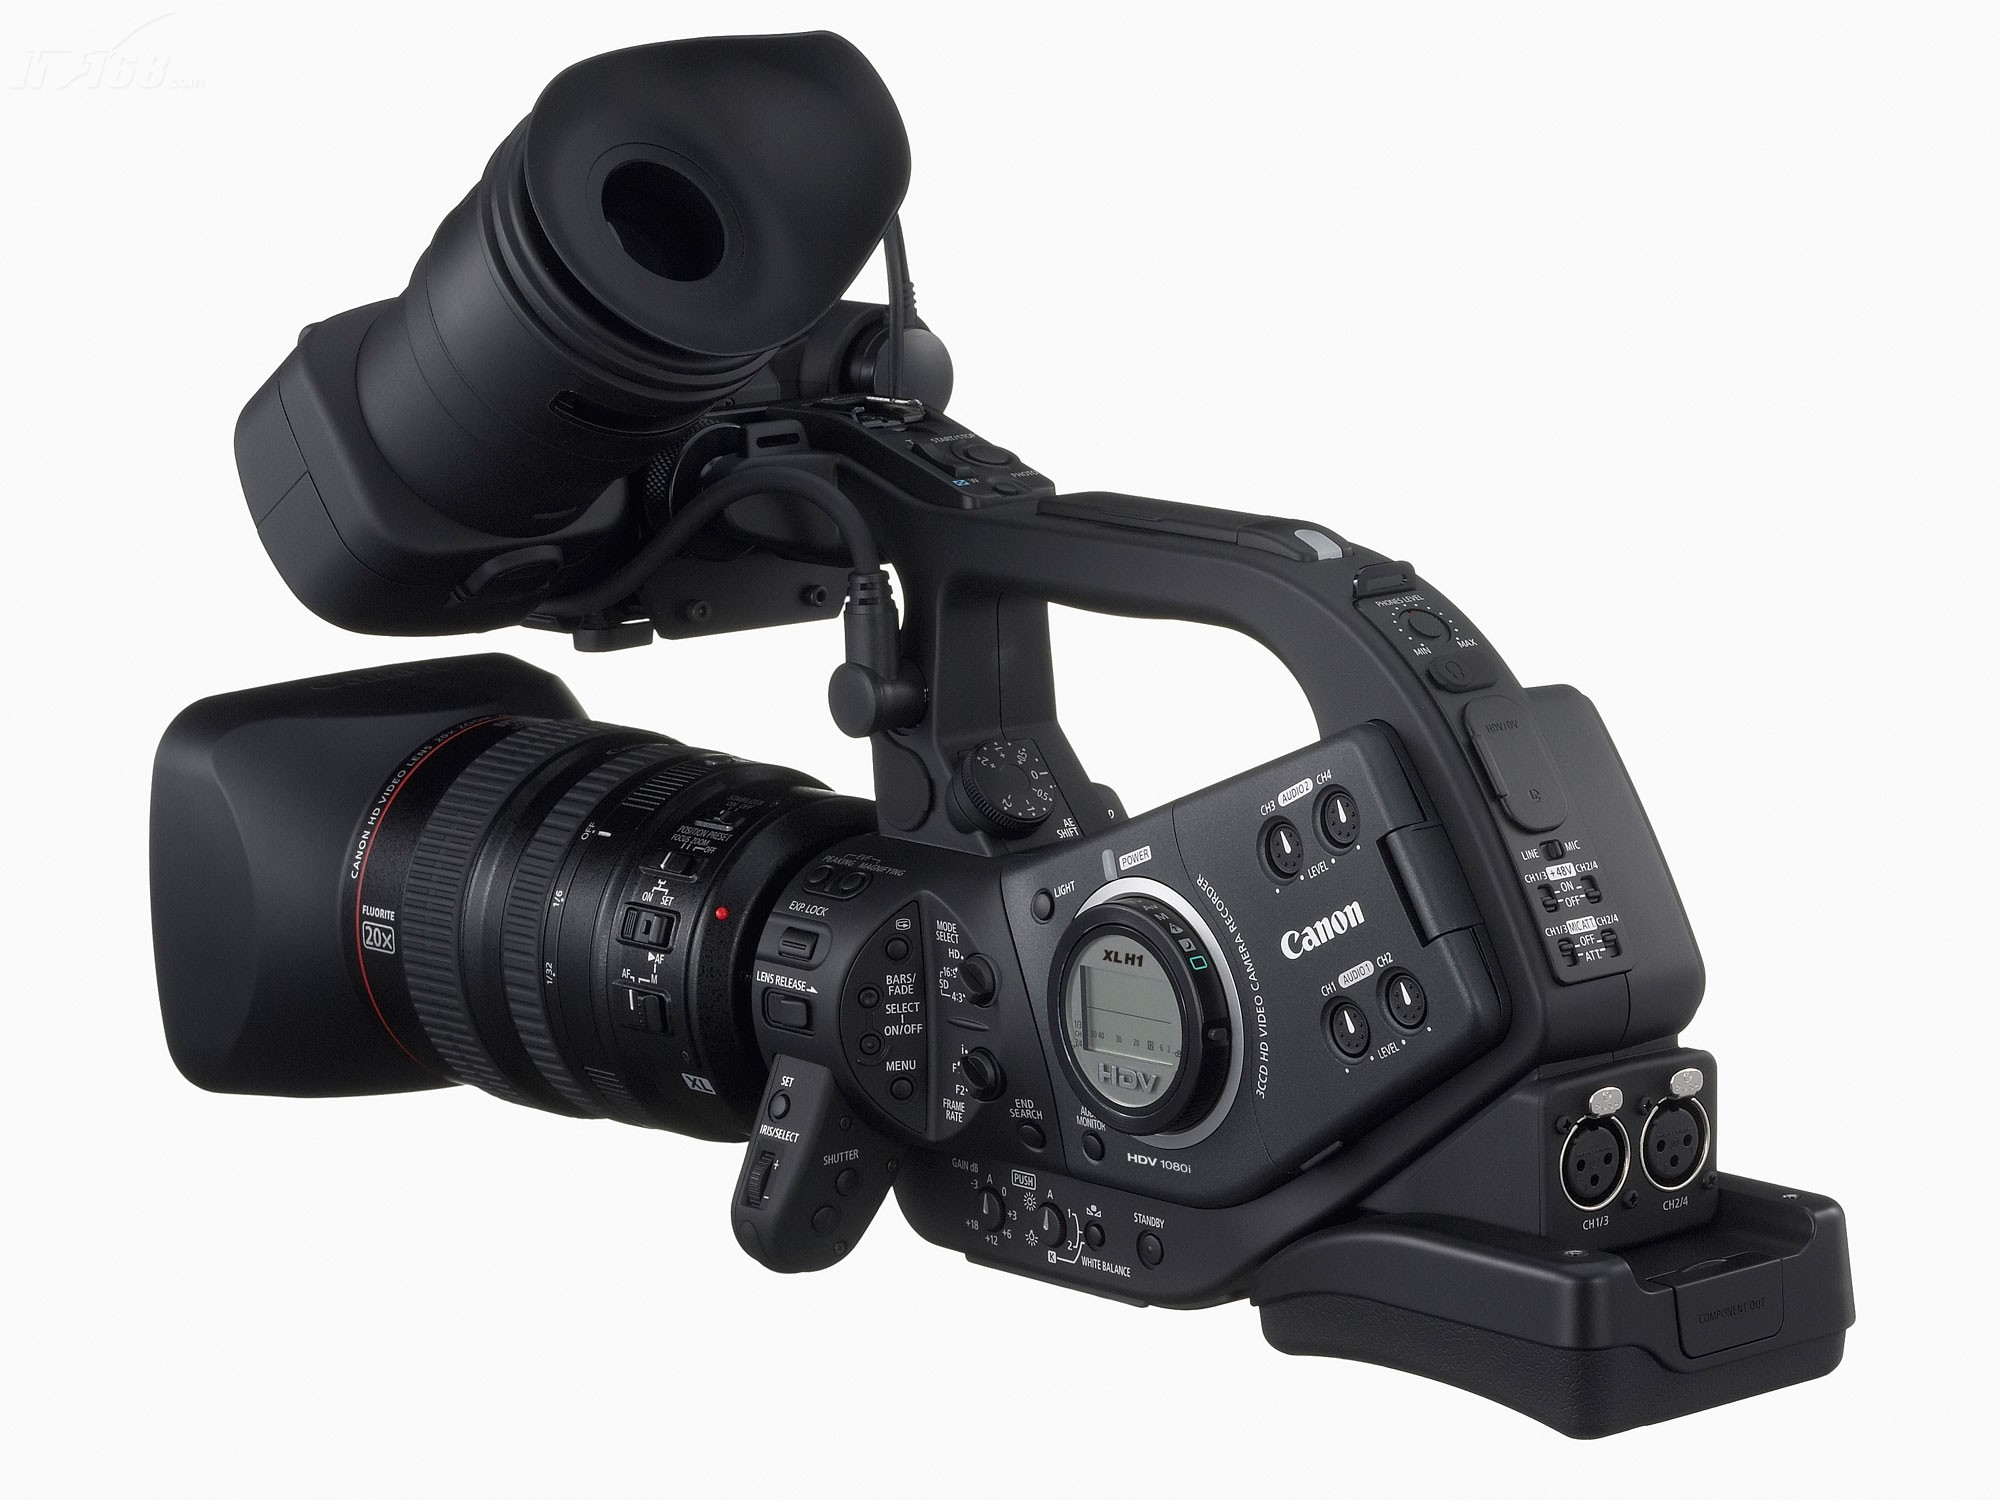 佳能xl h1摄像机产品图片6素材-it168摄像机图片大全